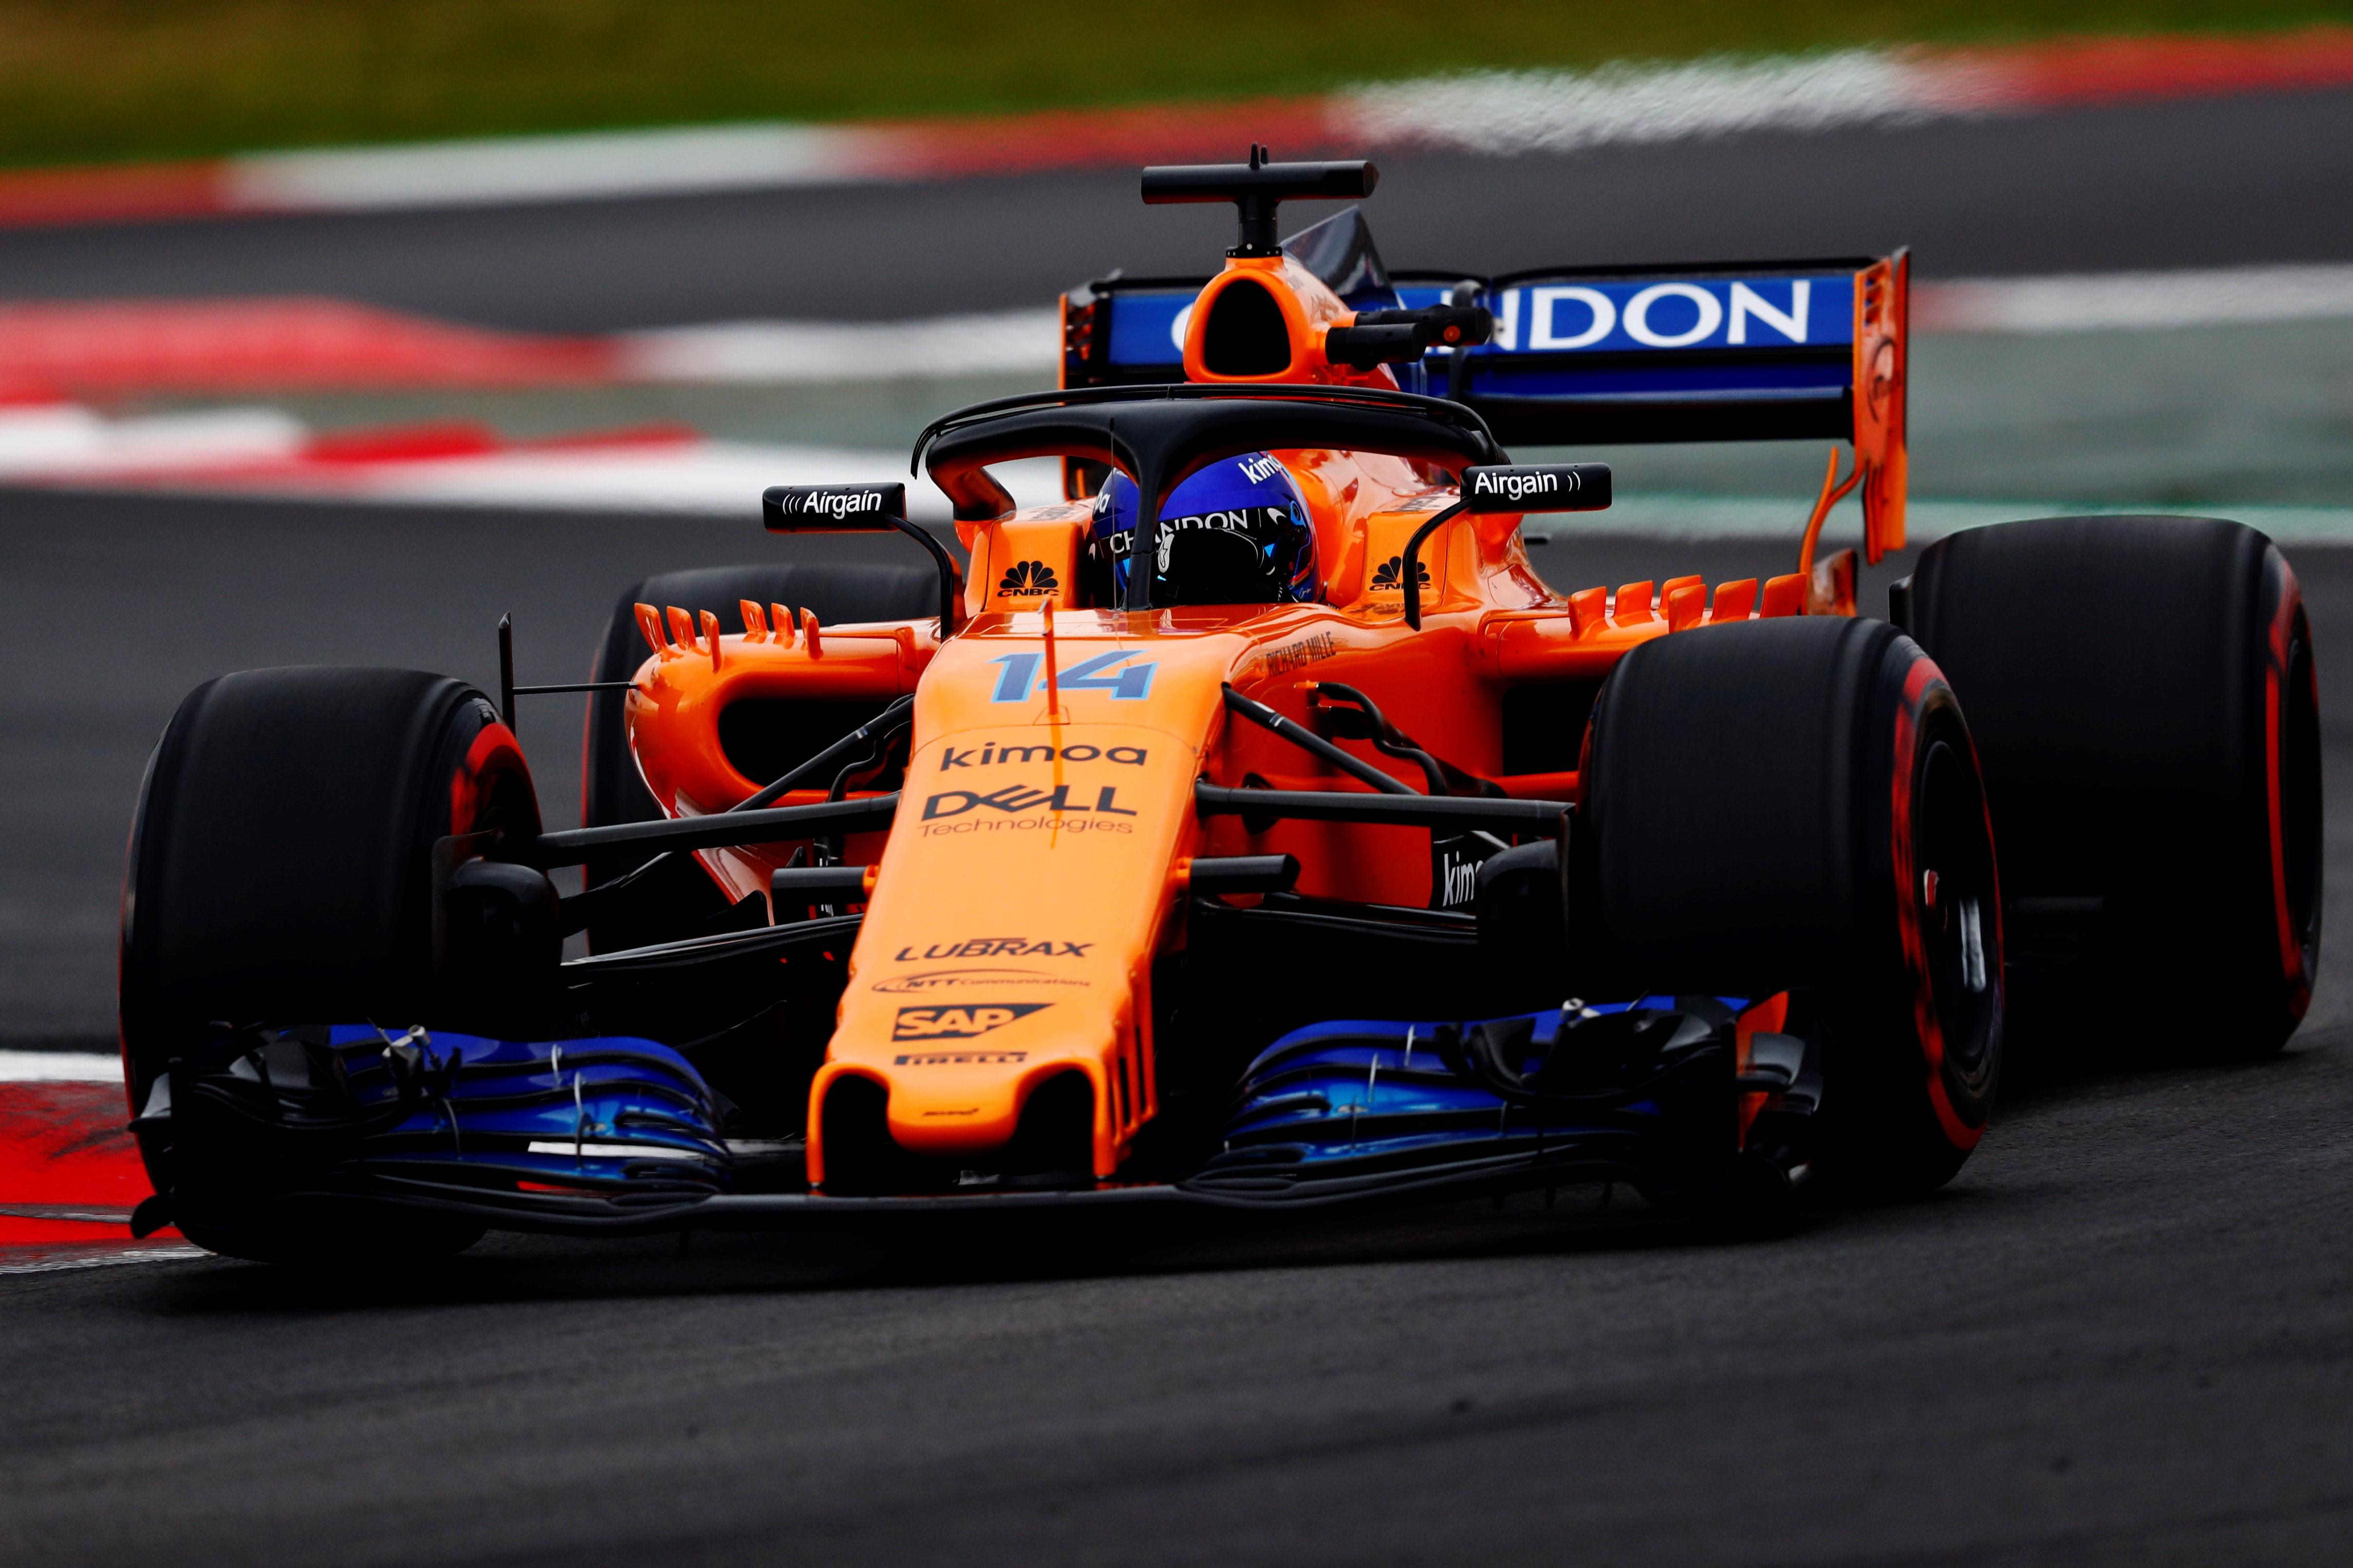 Zo ziet McLaren de GP van Franchorchamps.